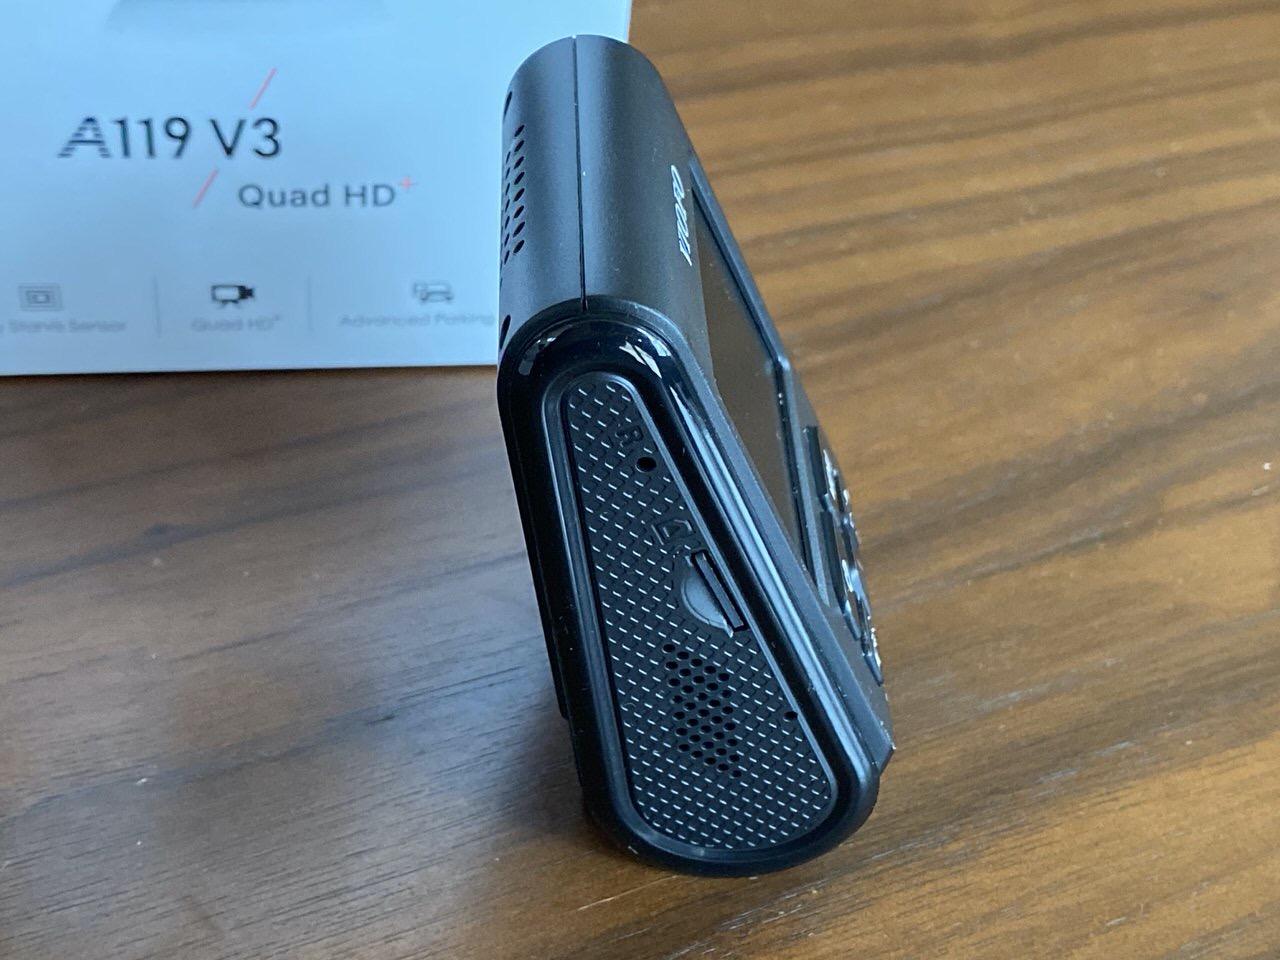 ドライブレコーダー「VIOFO A119 V3」5